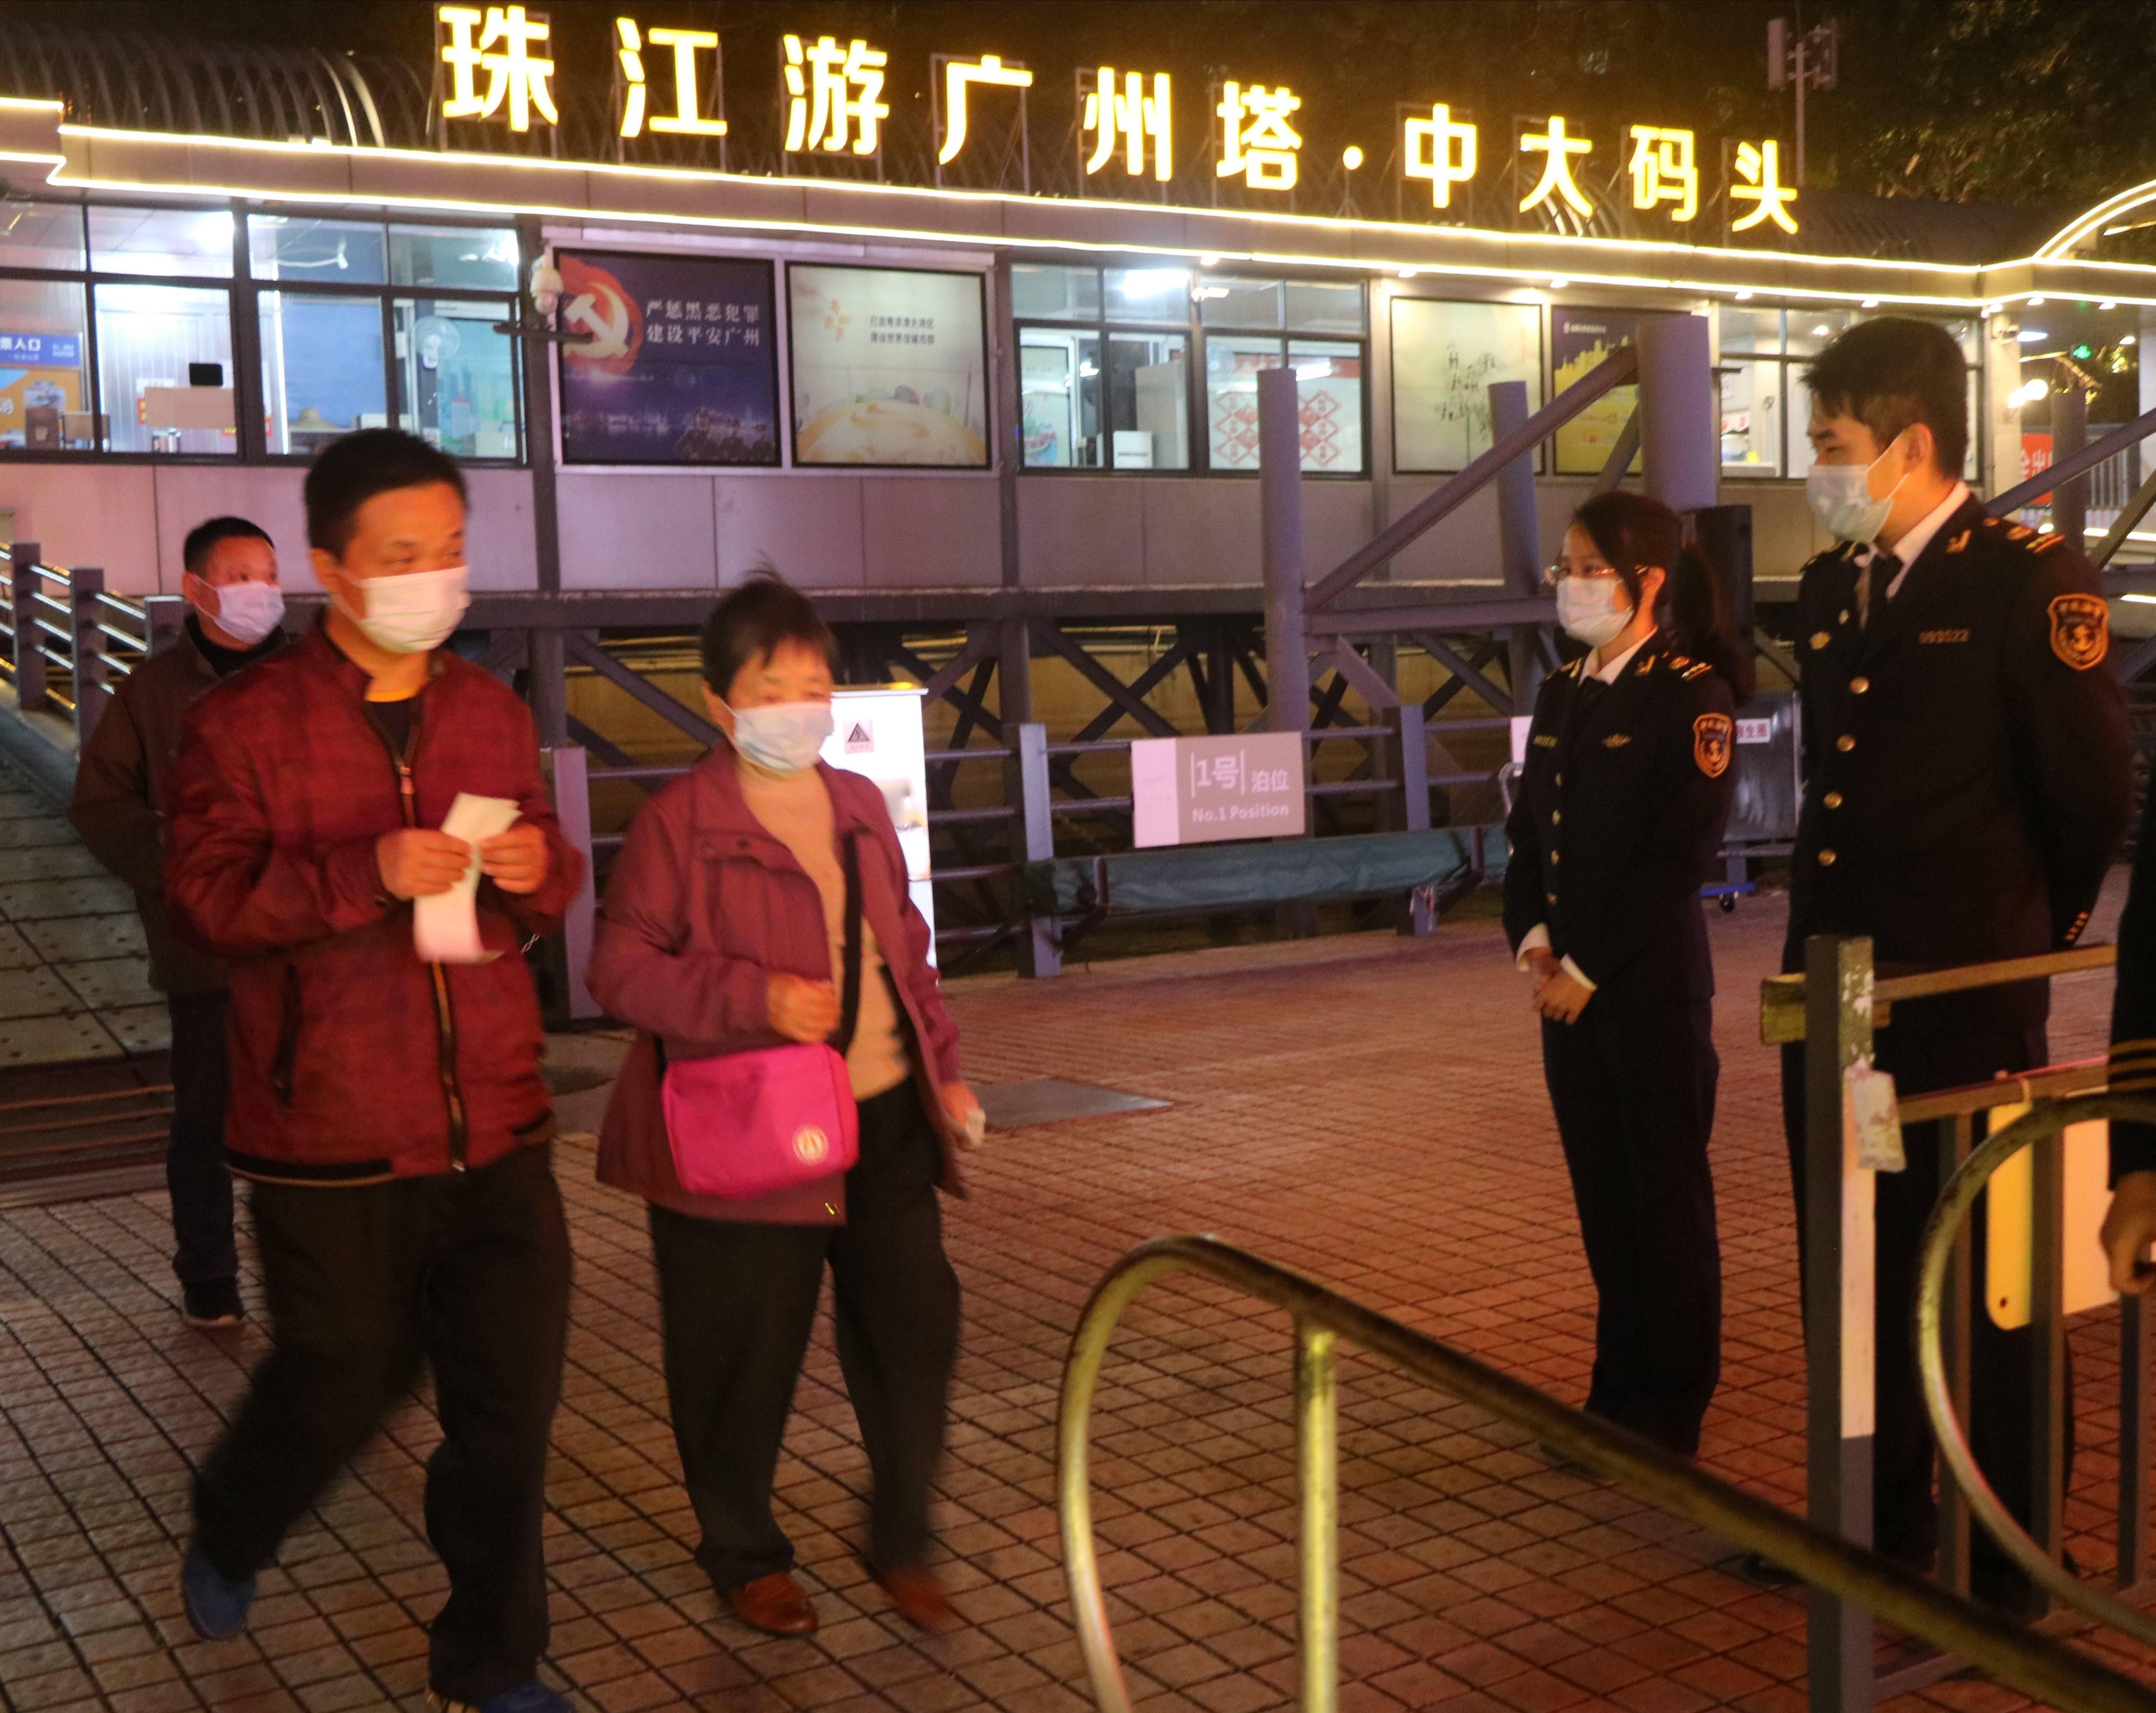 节后开工首日,珠江日夜游依然受市民欢迎